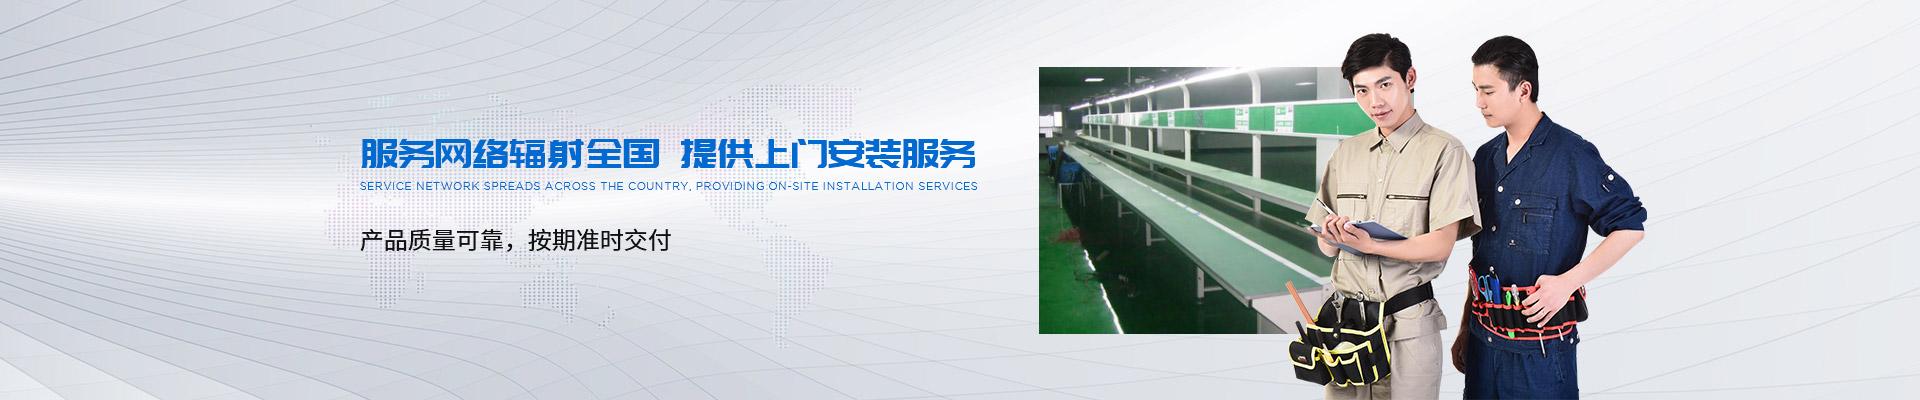 金泰服务网络辐射全国,提供上门安装服务